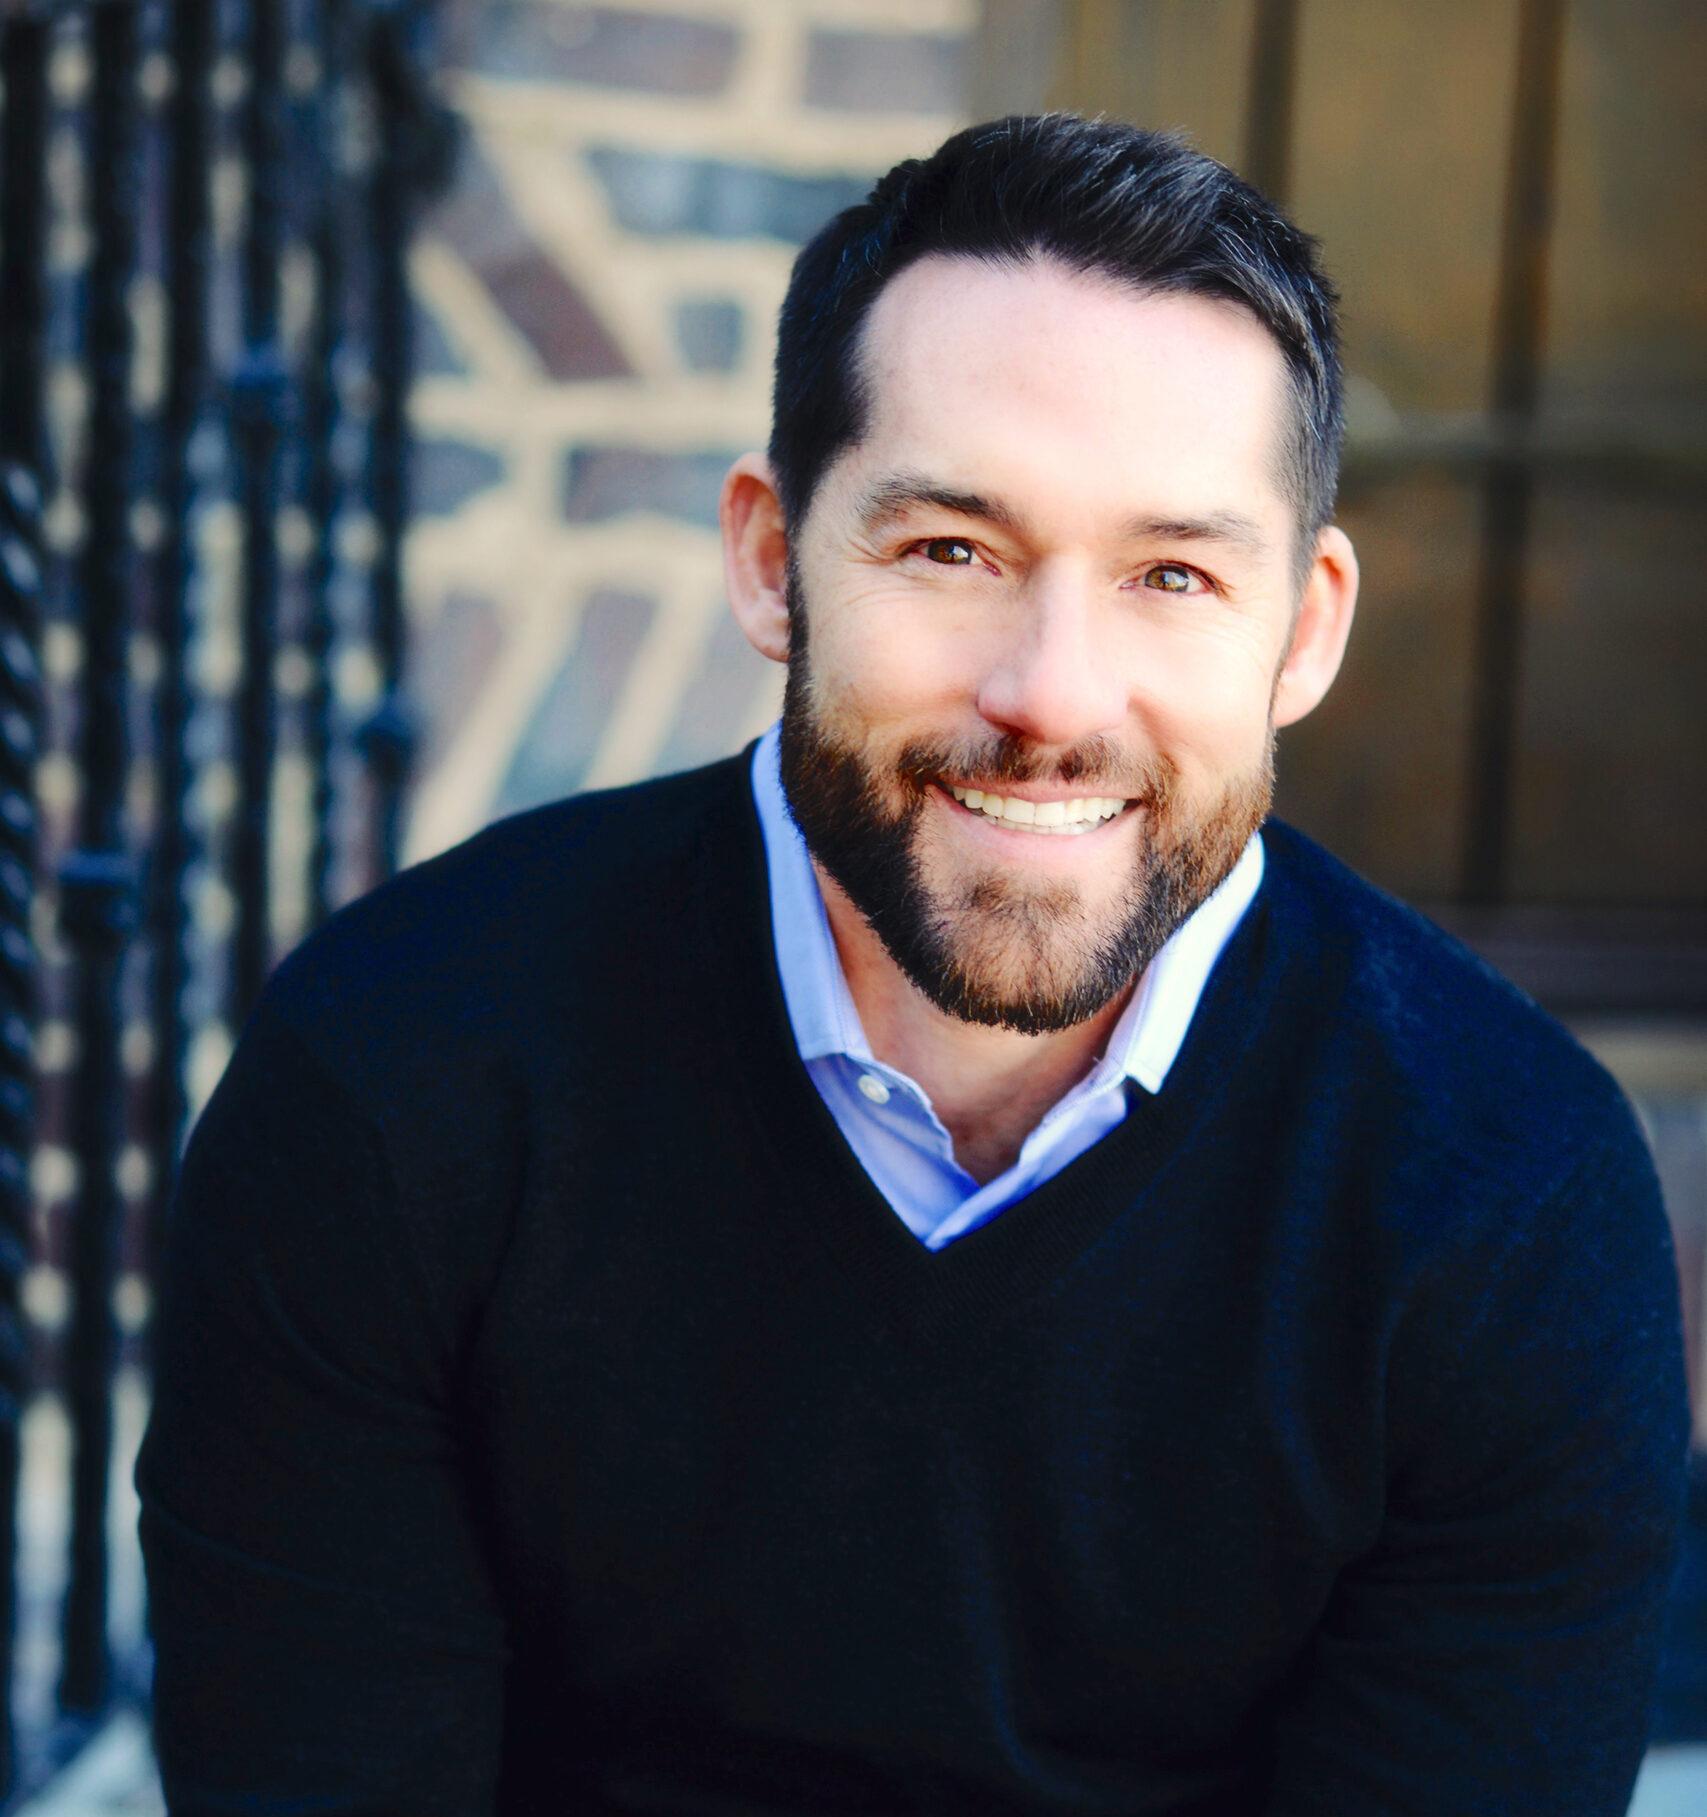 John Samuels - Better Health Advisors